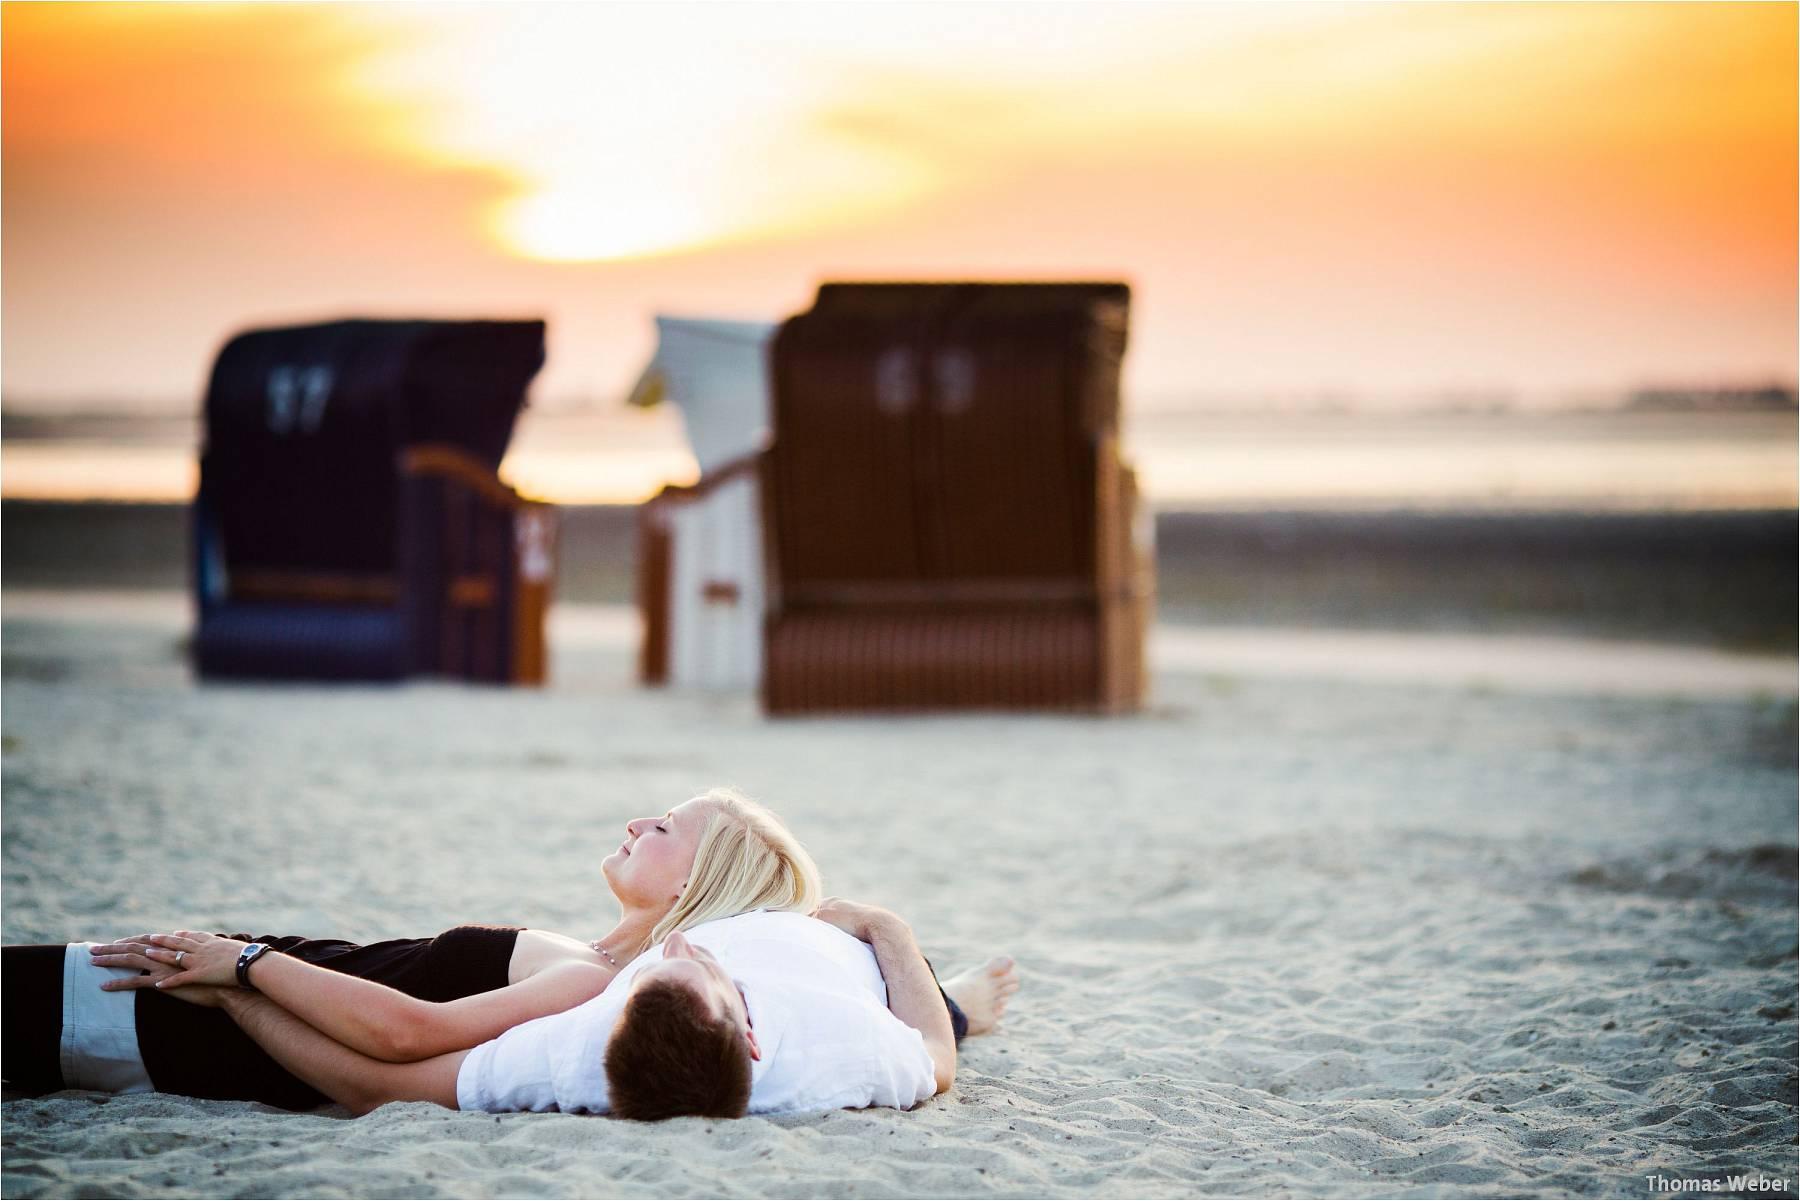 Hochzeitsfotograf Oldenburg: Engagement-Verlobungs-Paarfotos am Strand von Dangast/Varel an der Nordsee (8)